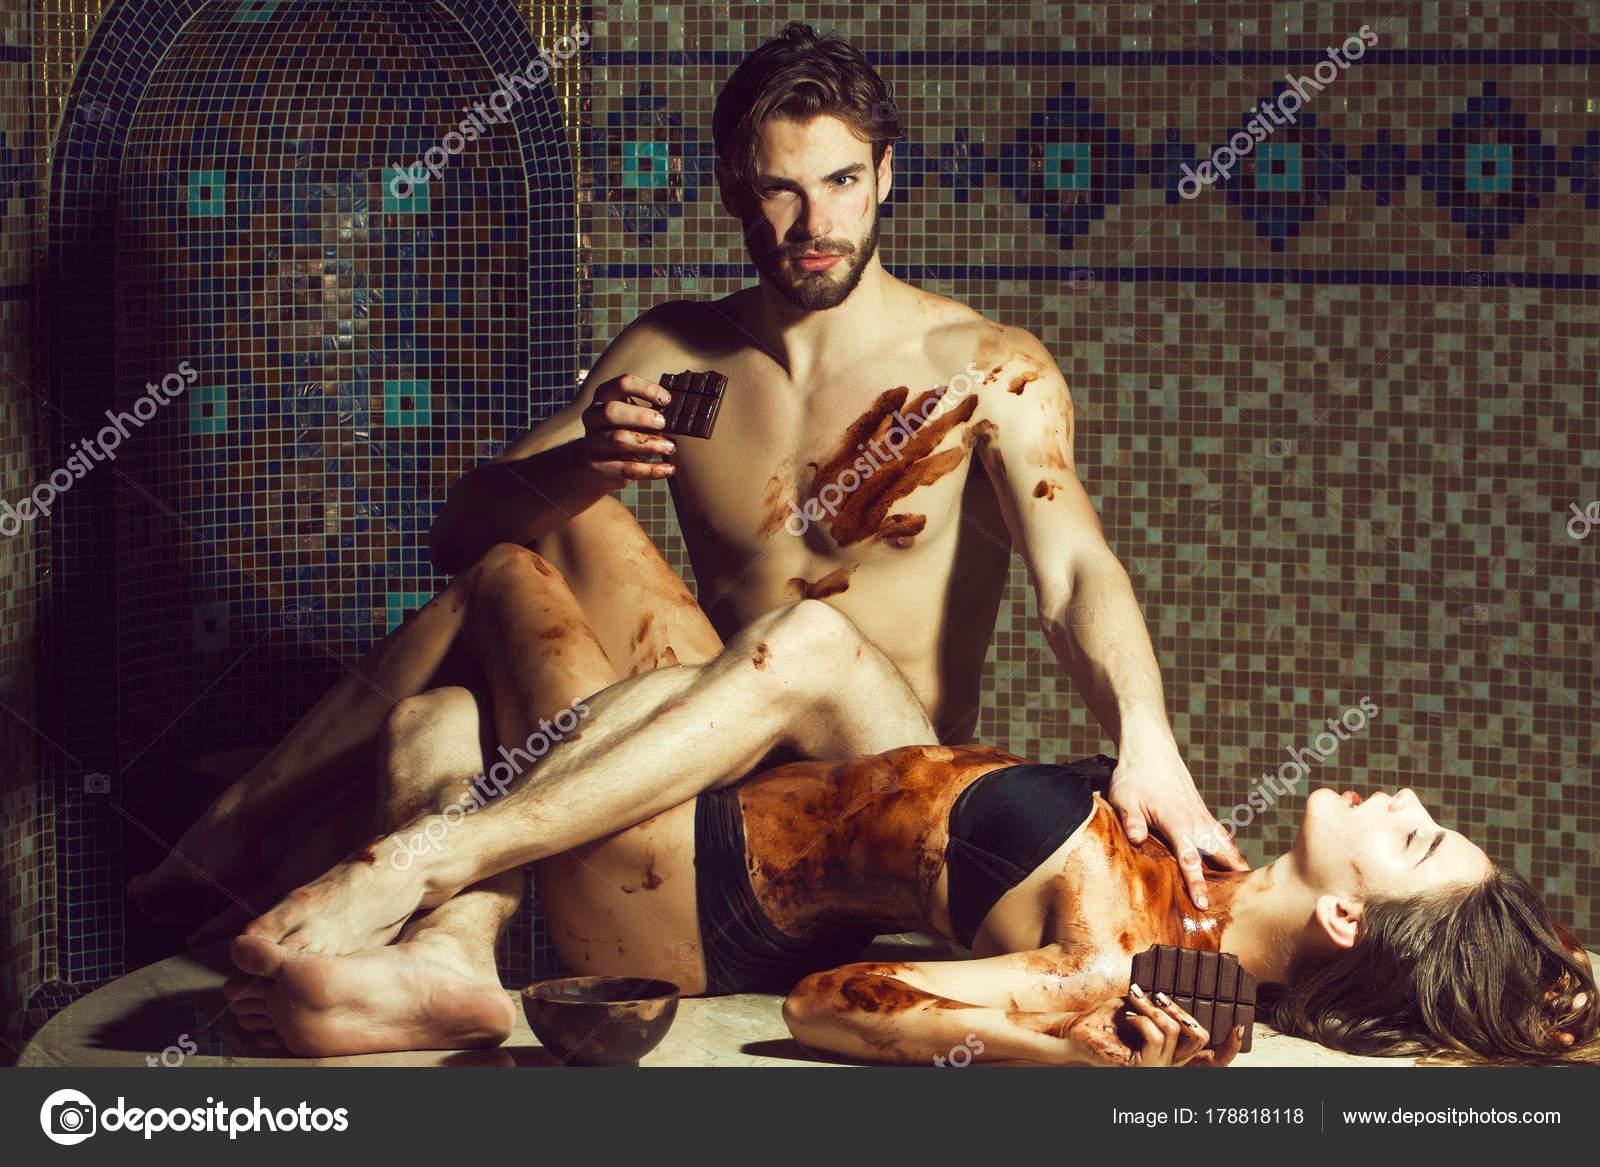 krasivih-simpatichnih-eroticheskih-devushek-vzroslaya-tetya-uchit-neopitnogo-parnya-porno